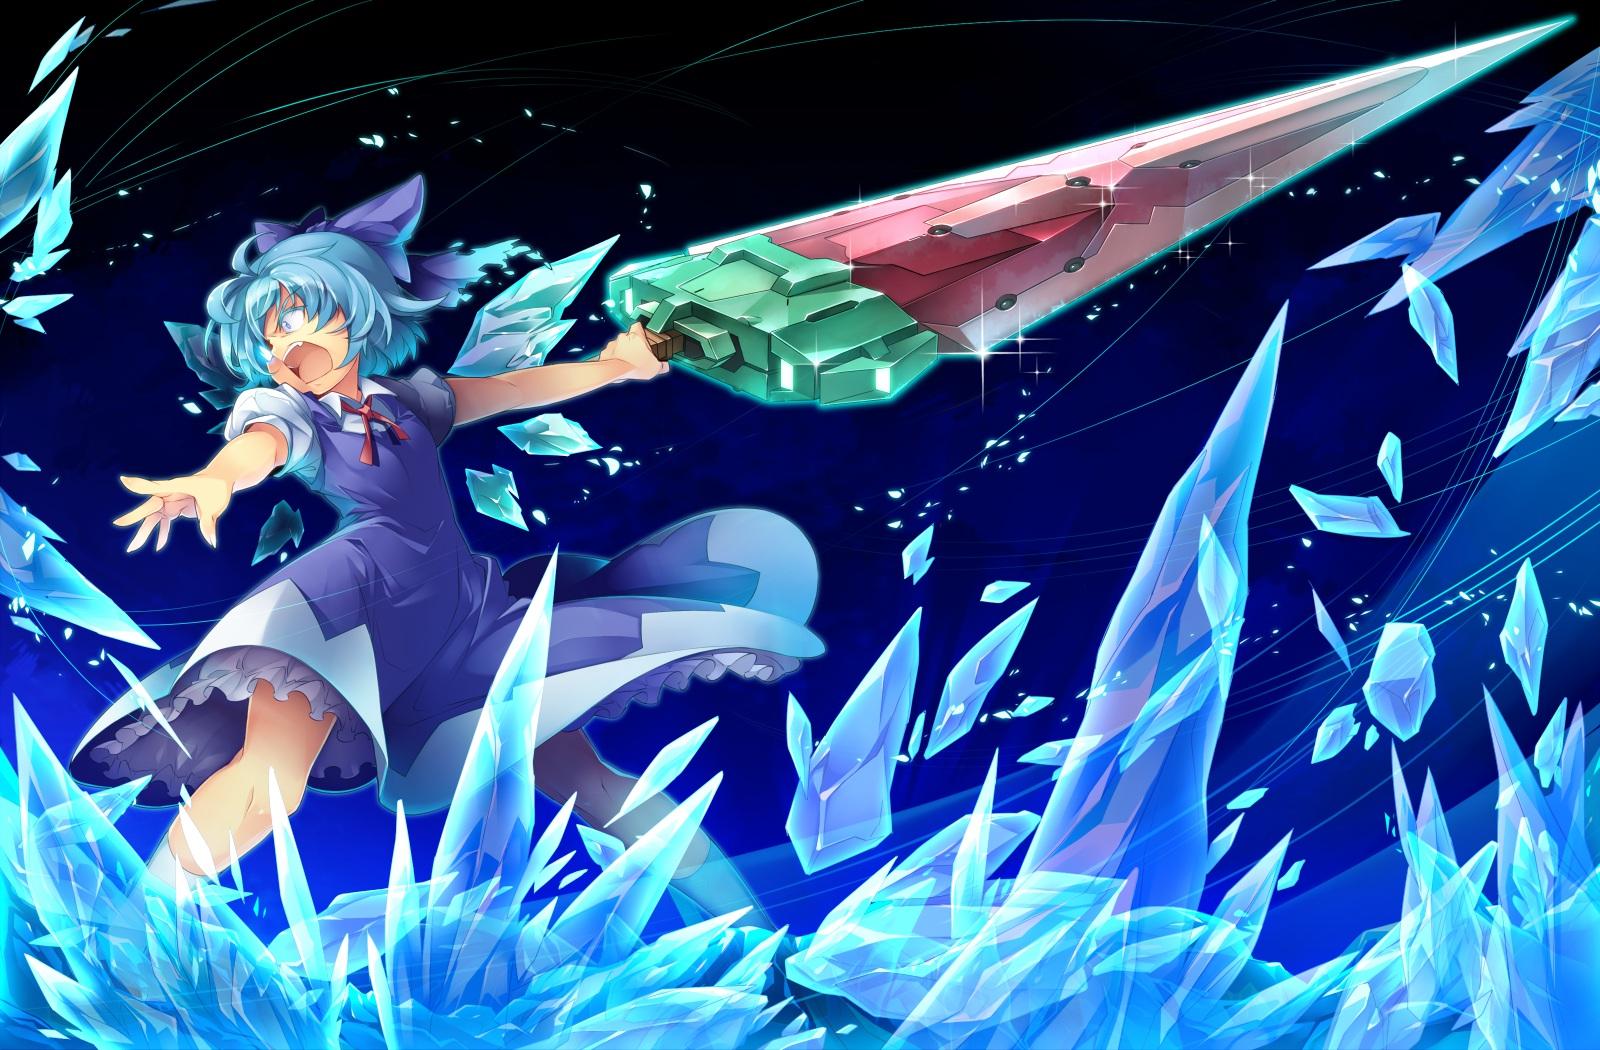 Cute Anime Girl Gun Wallpaper Konachan Com 149636 Blue Hair Cirno Kokka Han Short Hair